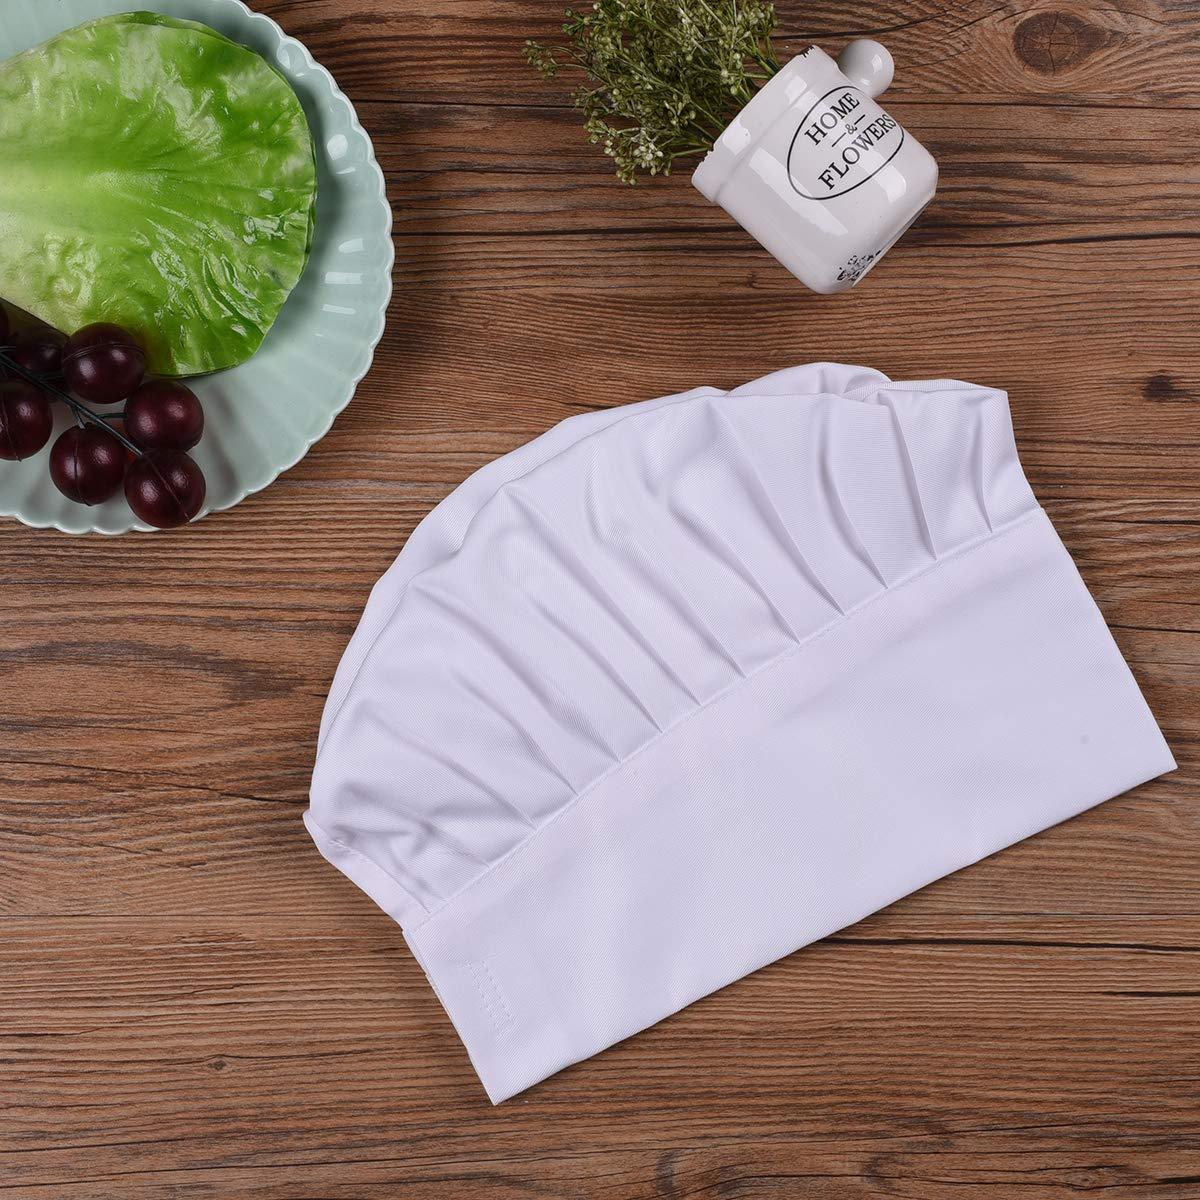 Chef Ulife Mall Cappelli da Cuoco Adulto Regolabile Elastico Cappelli da Chef Professionale Accessori da Cucina per Pasticcere Bianco Unisex